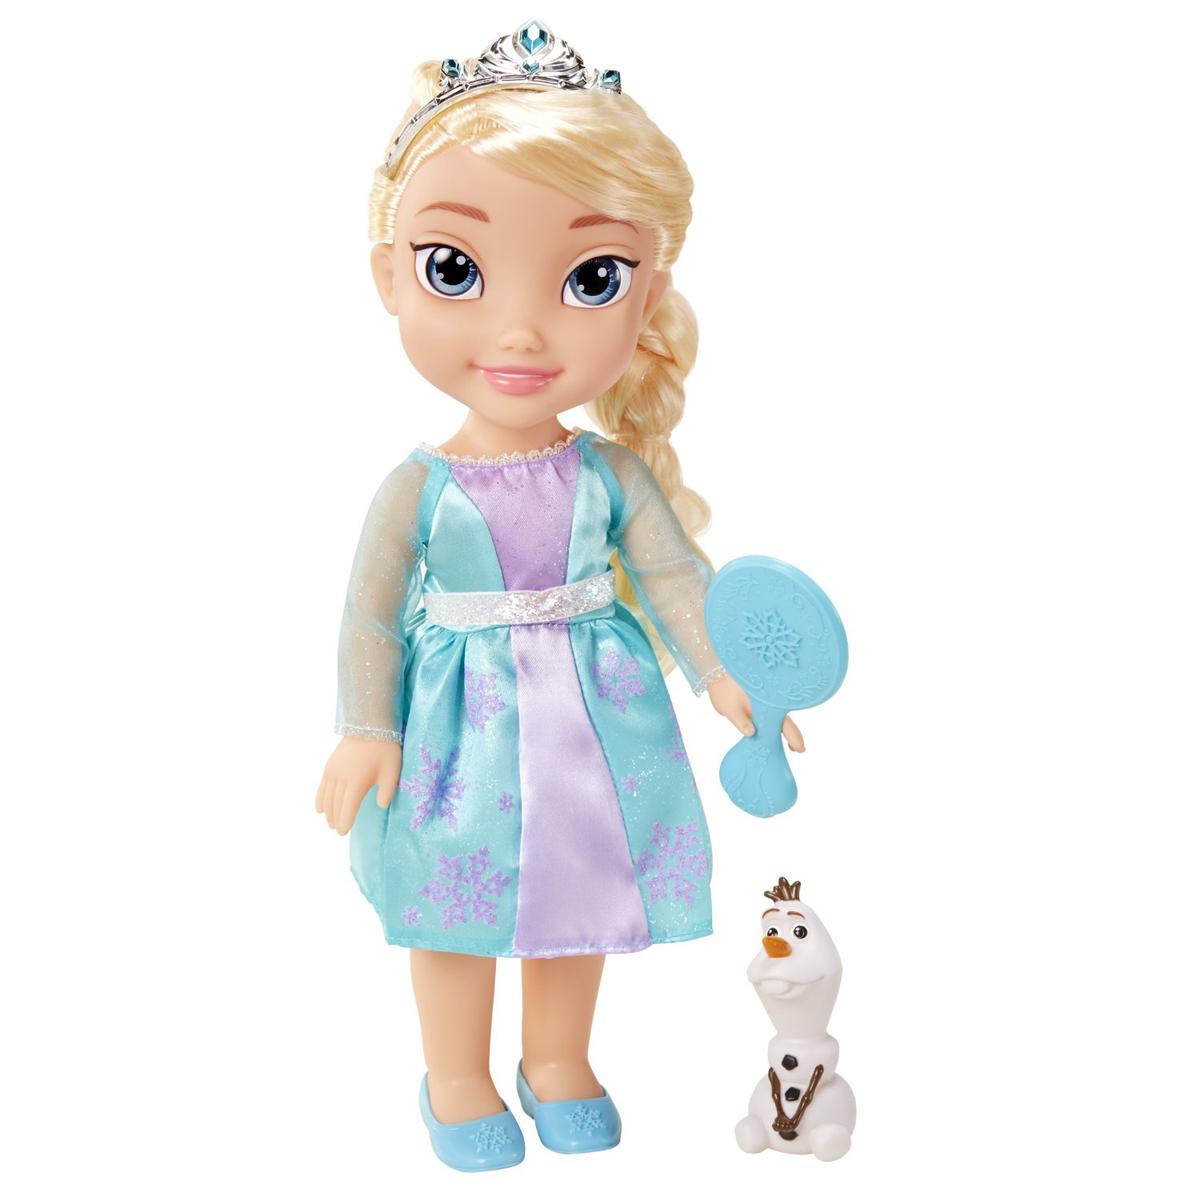 Кукла-малышка, серия Холодное сердцеКуклы холодное сердце<br>Кукла-малышка, серия Холодное сердце<br>